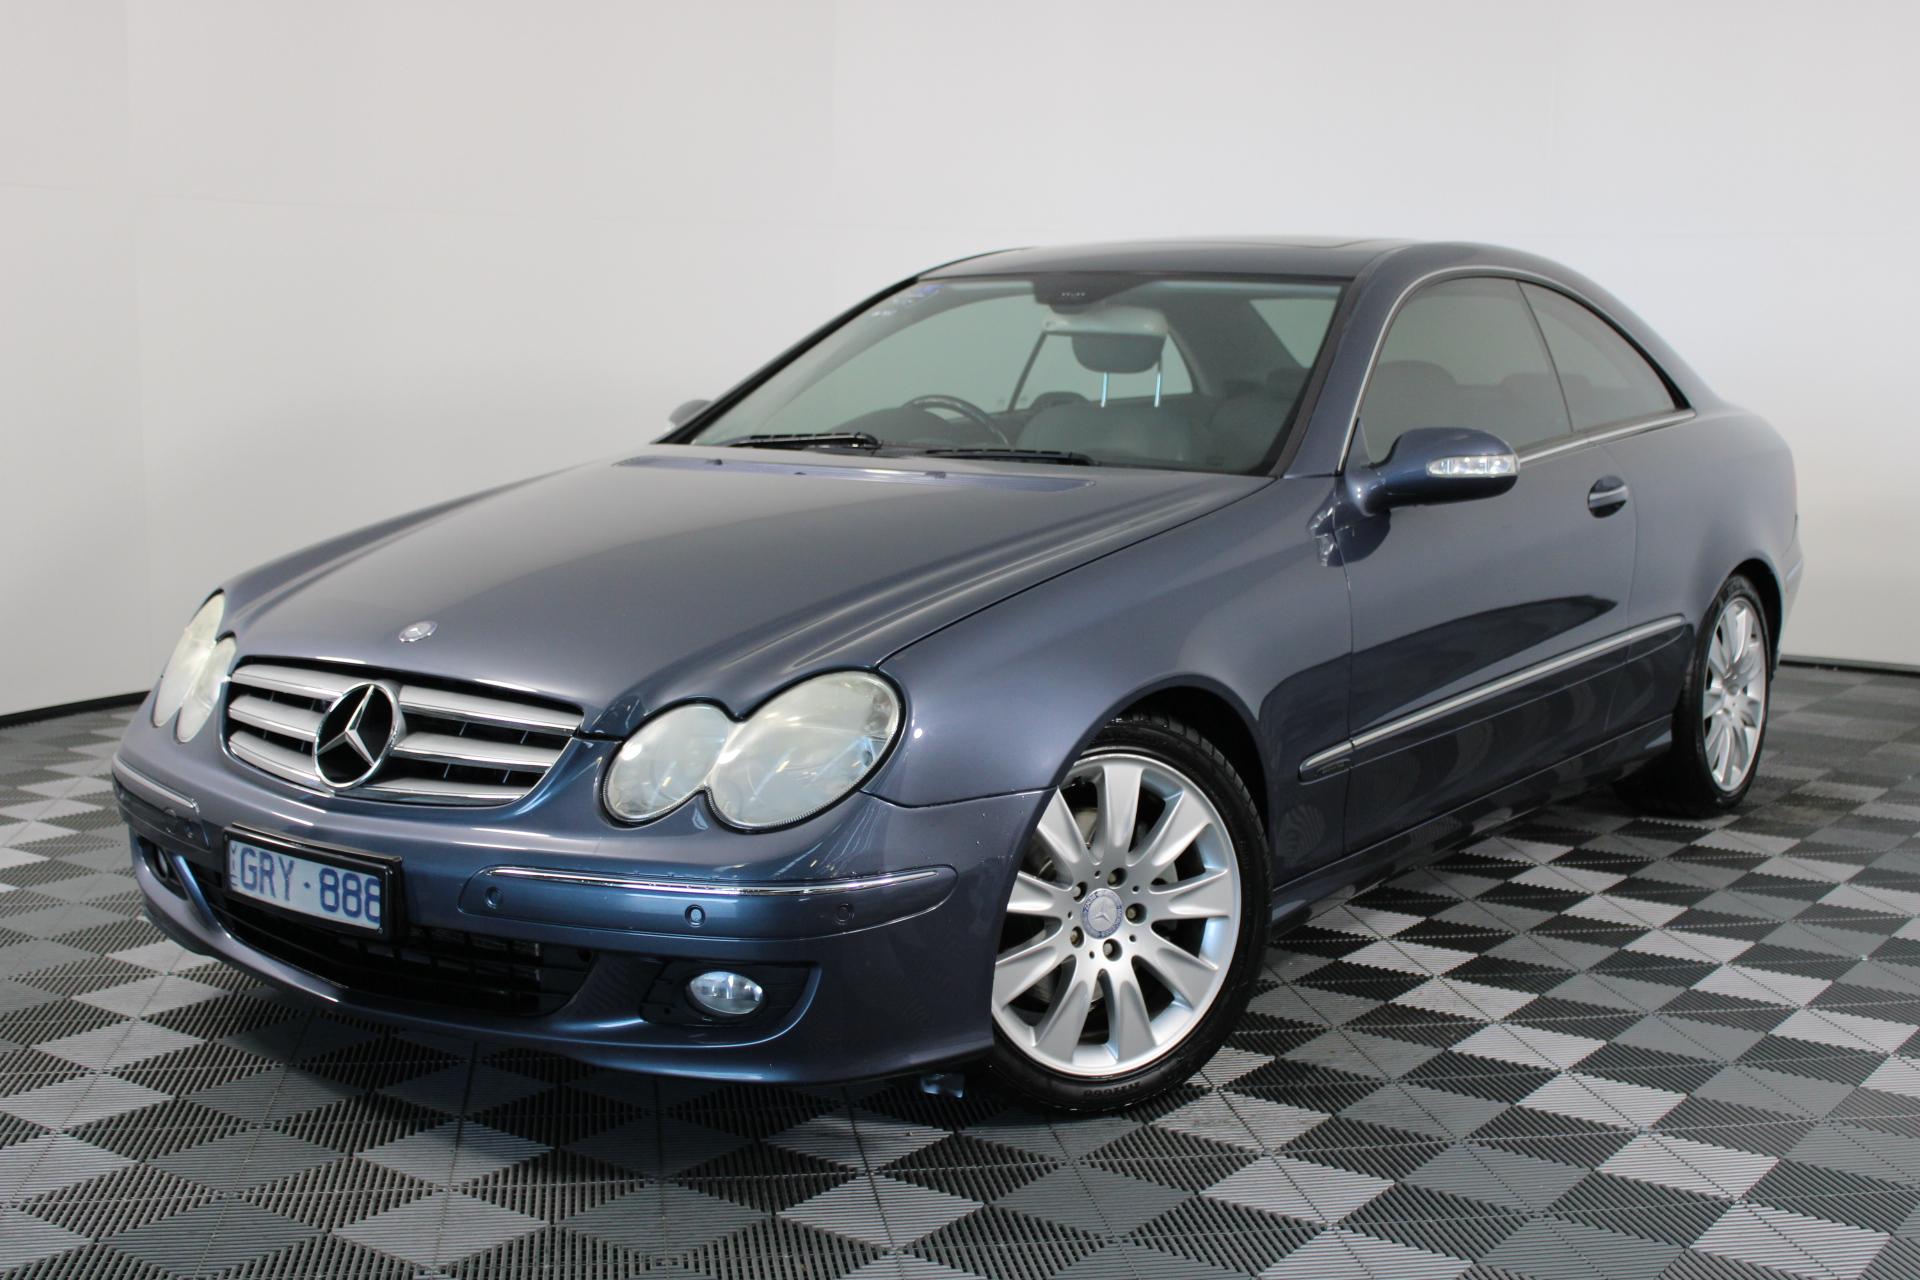 2006 Mercedes Benz CLK350 Elegance C209 Automatic Coupe